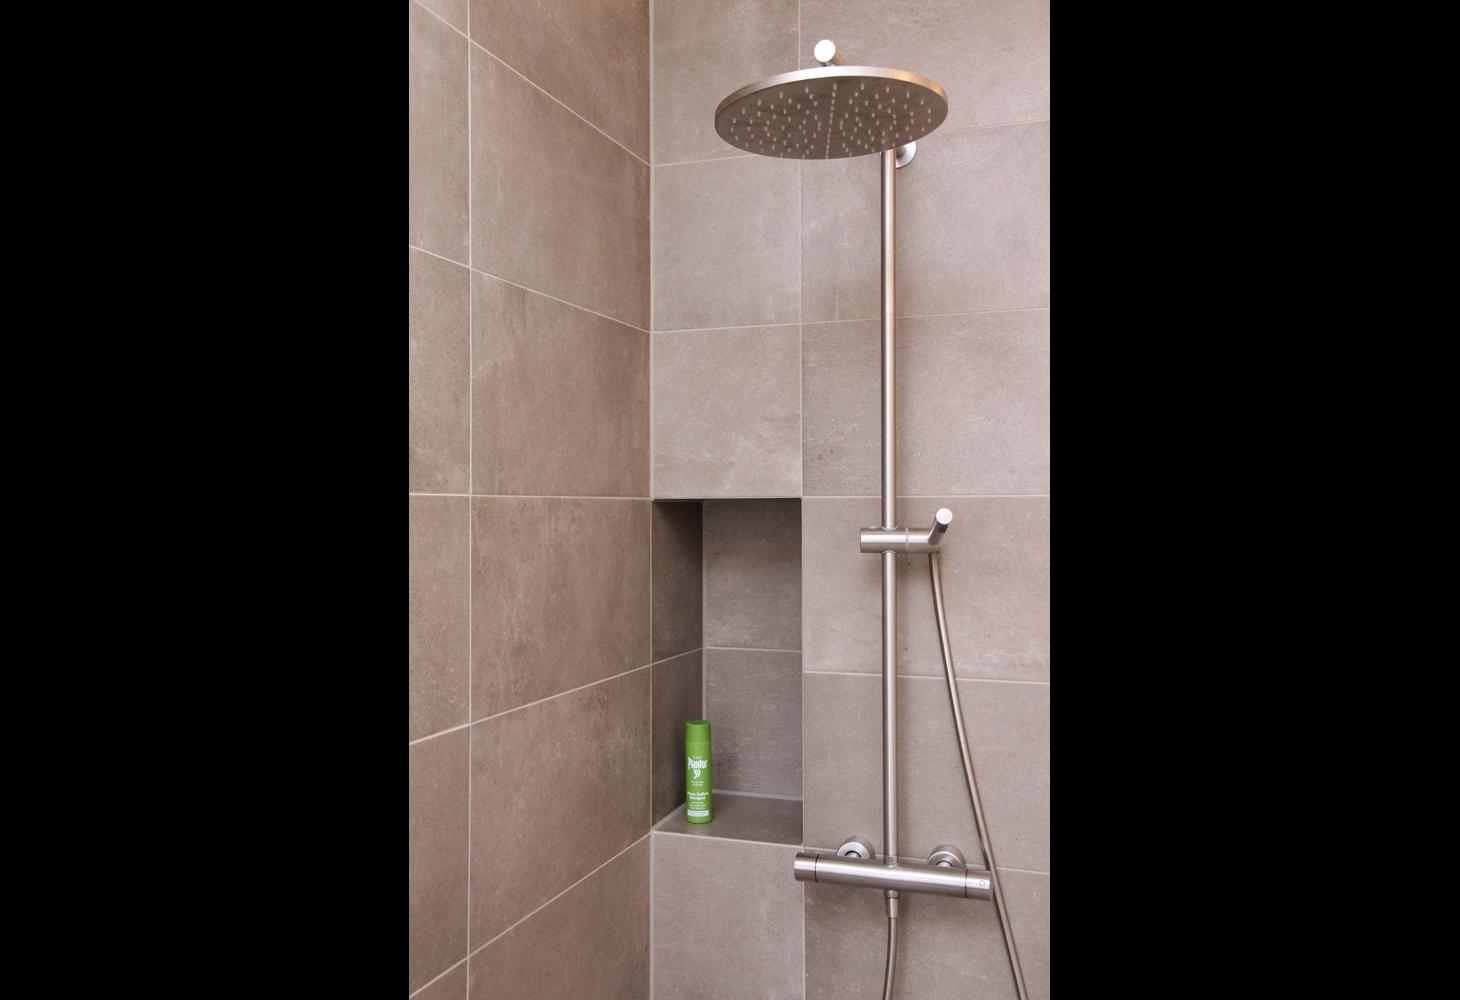 Offener Duschbereich ausgefliestes Fach und stilvolle Stabbrause.